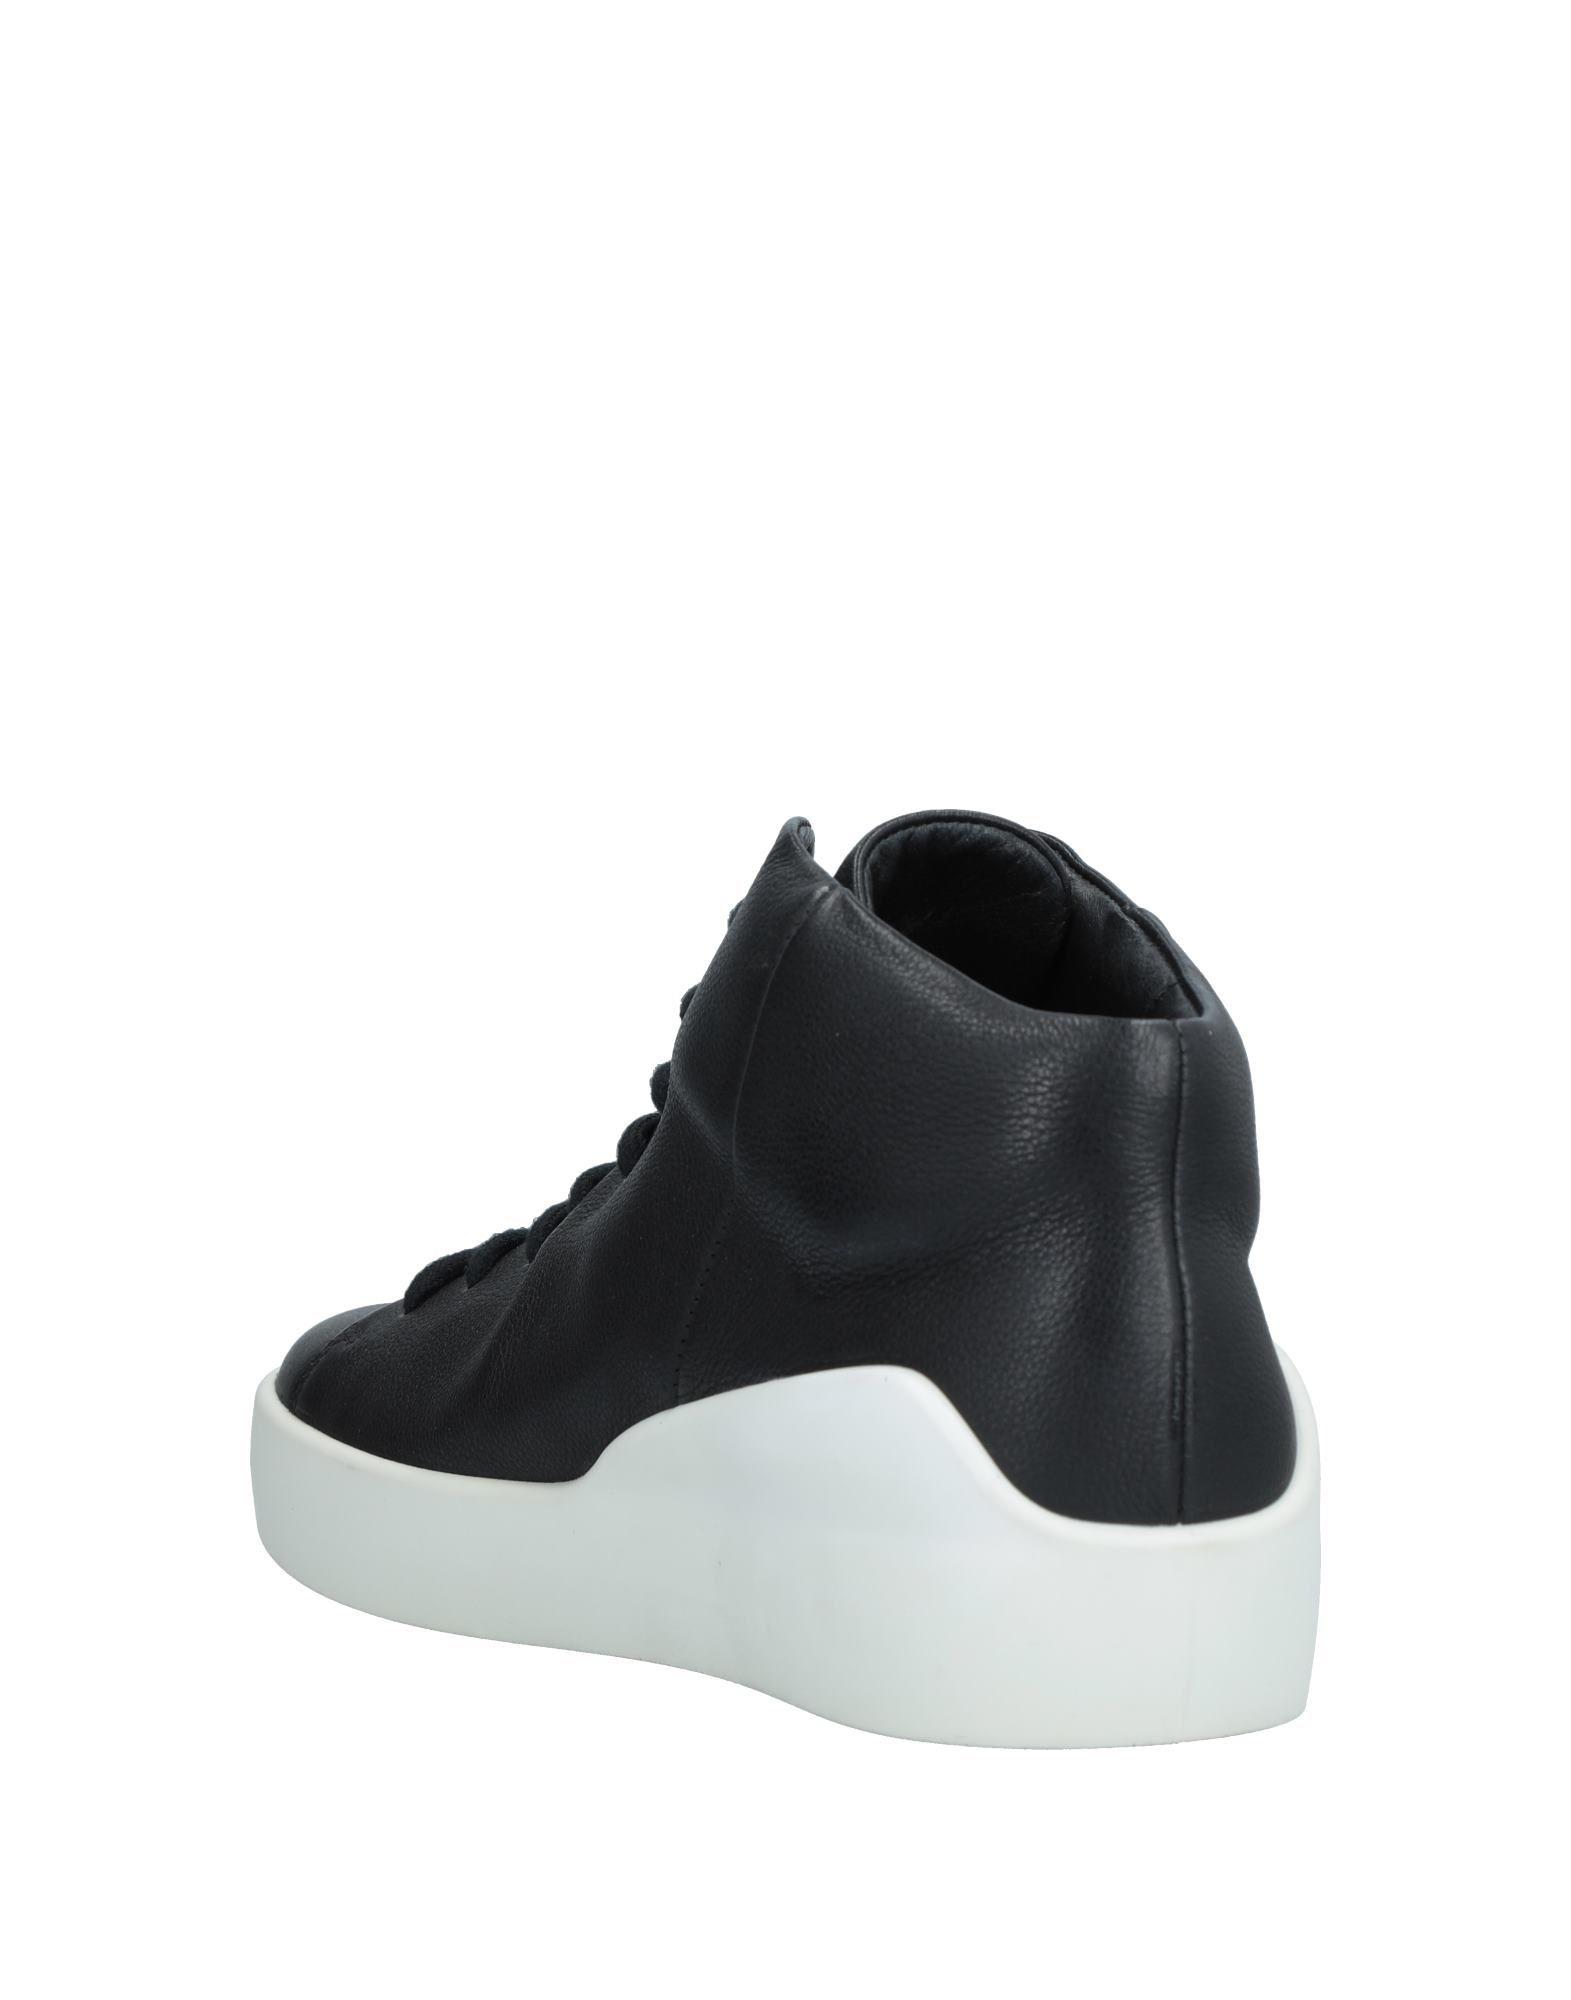 Ecco X The Last Conspiracy Sneakers Qualität Herren  11535731RT Gute Qualität Sneakers beliebte Schuhe ab1b1c